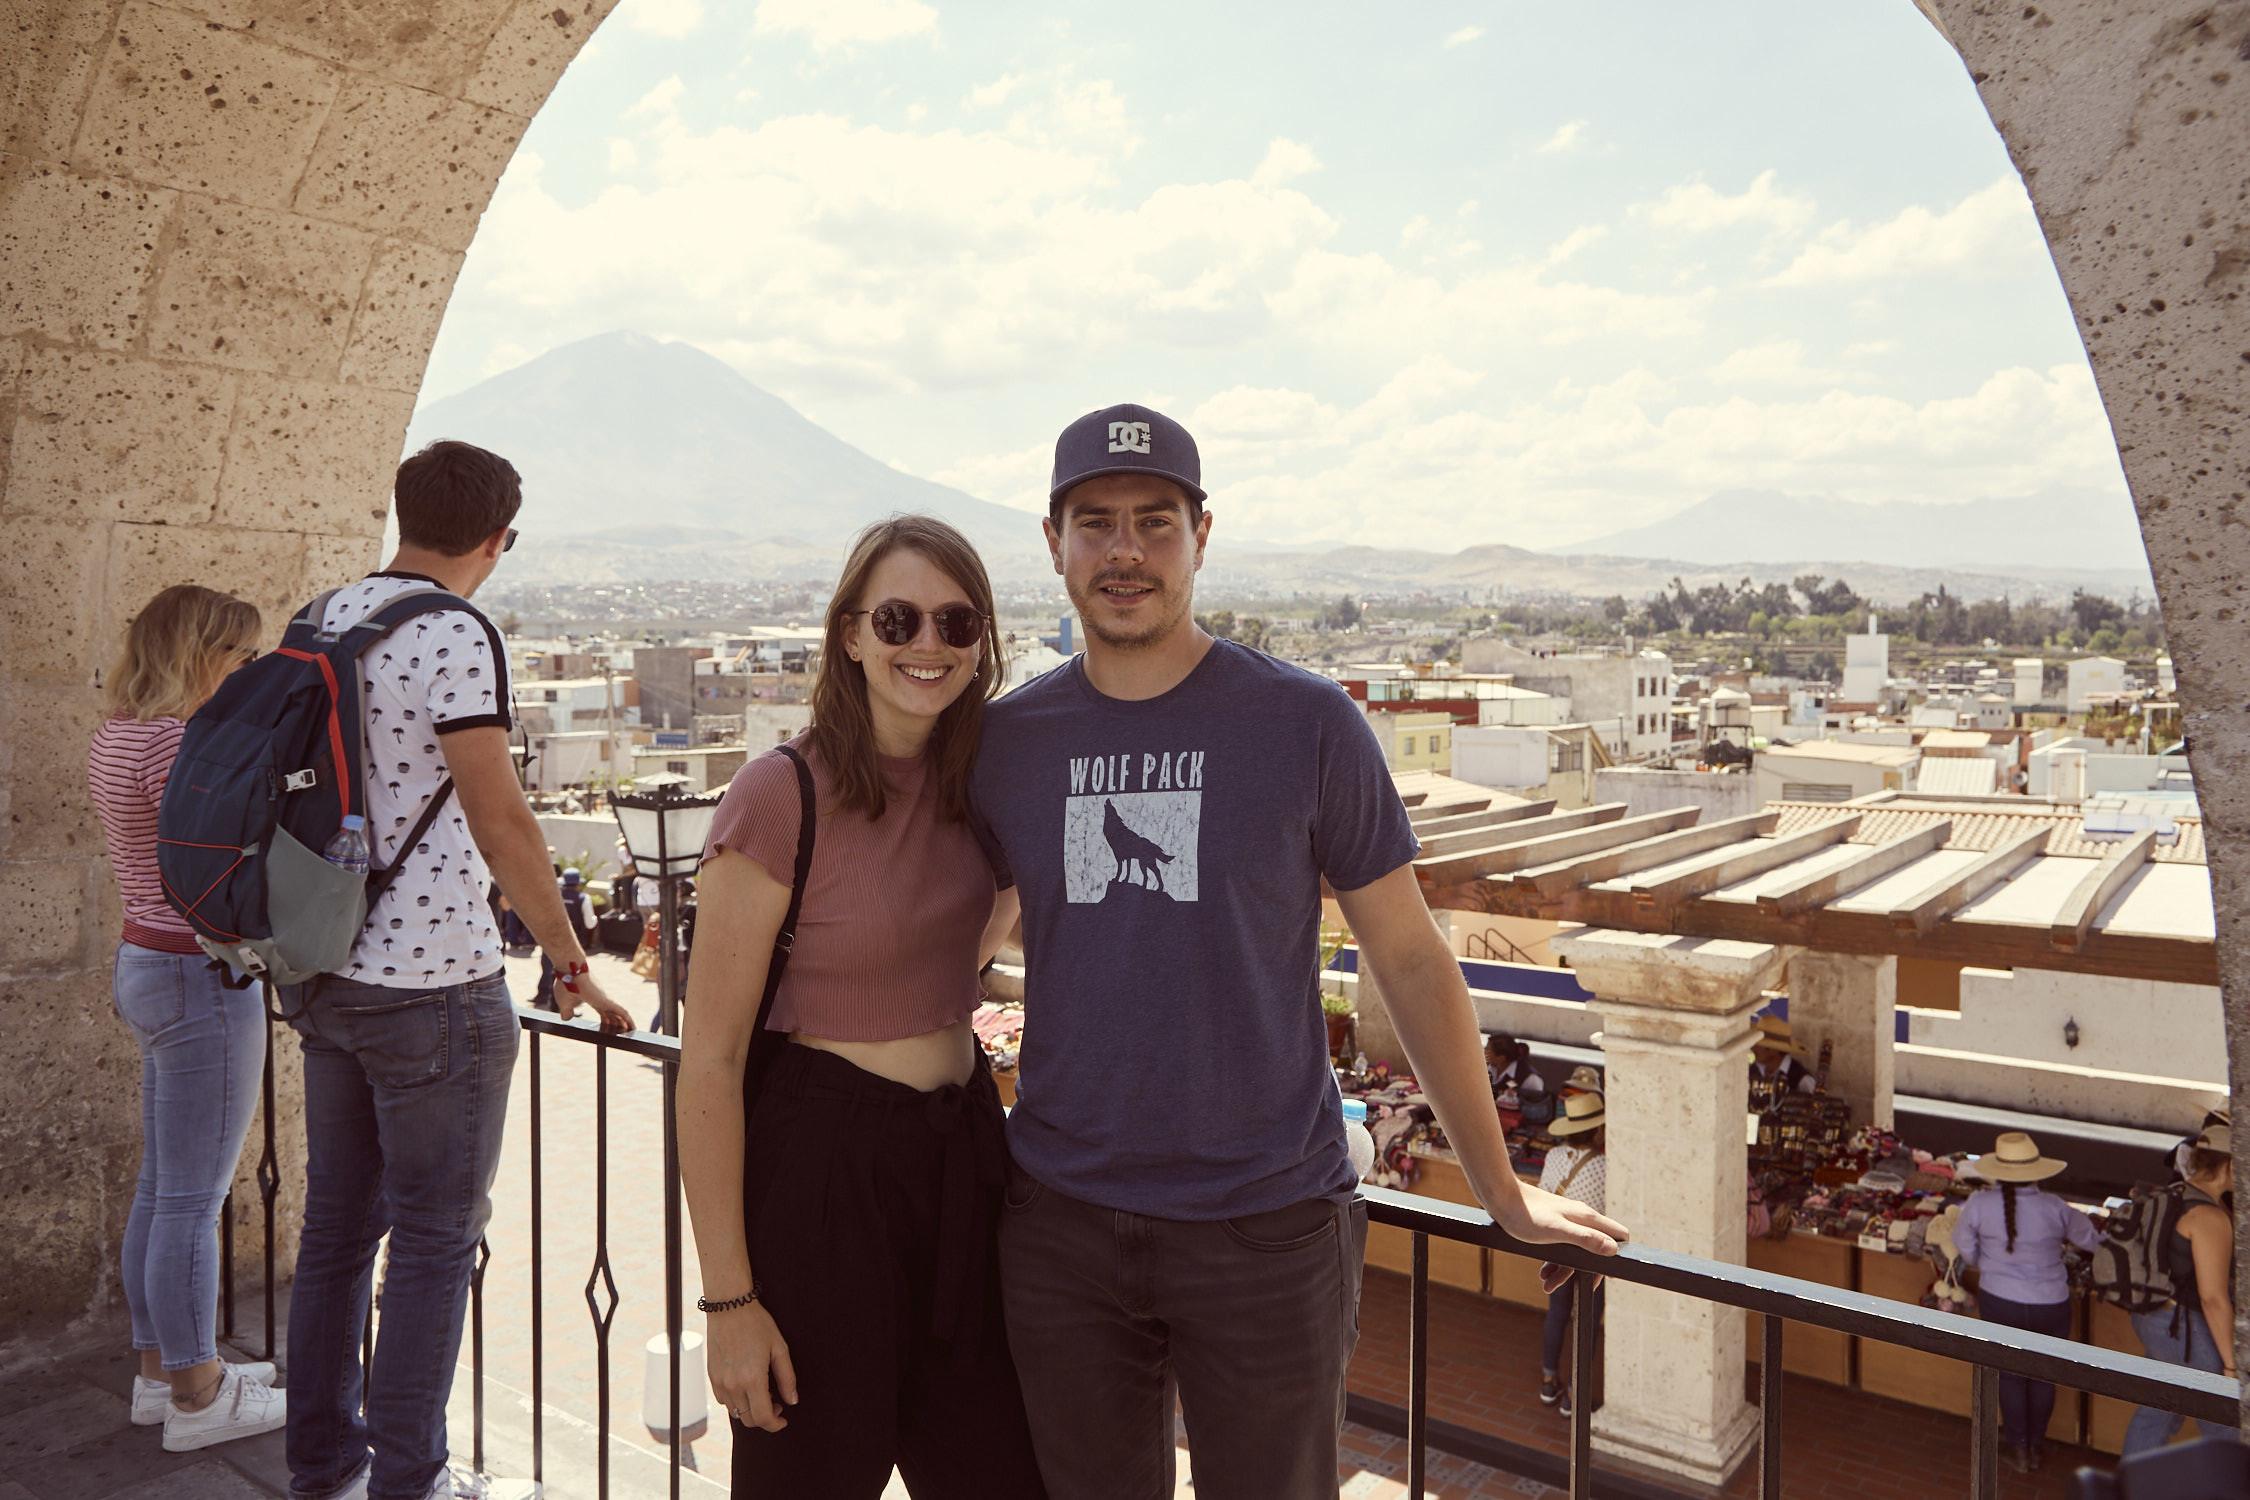 Reiseblogger Chrisi und Ronnie von Miles and Shores bei dem Ausblick Mirador del Yanahuara in Arequipa während des Peru Urlaubes